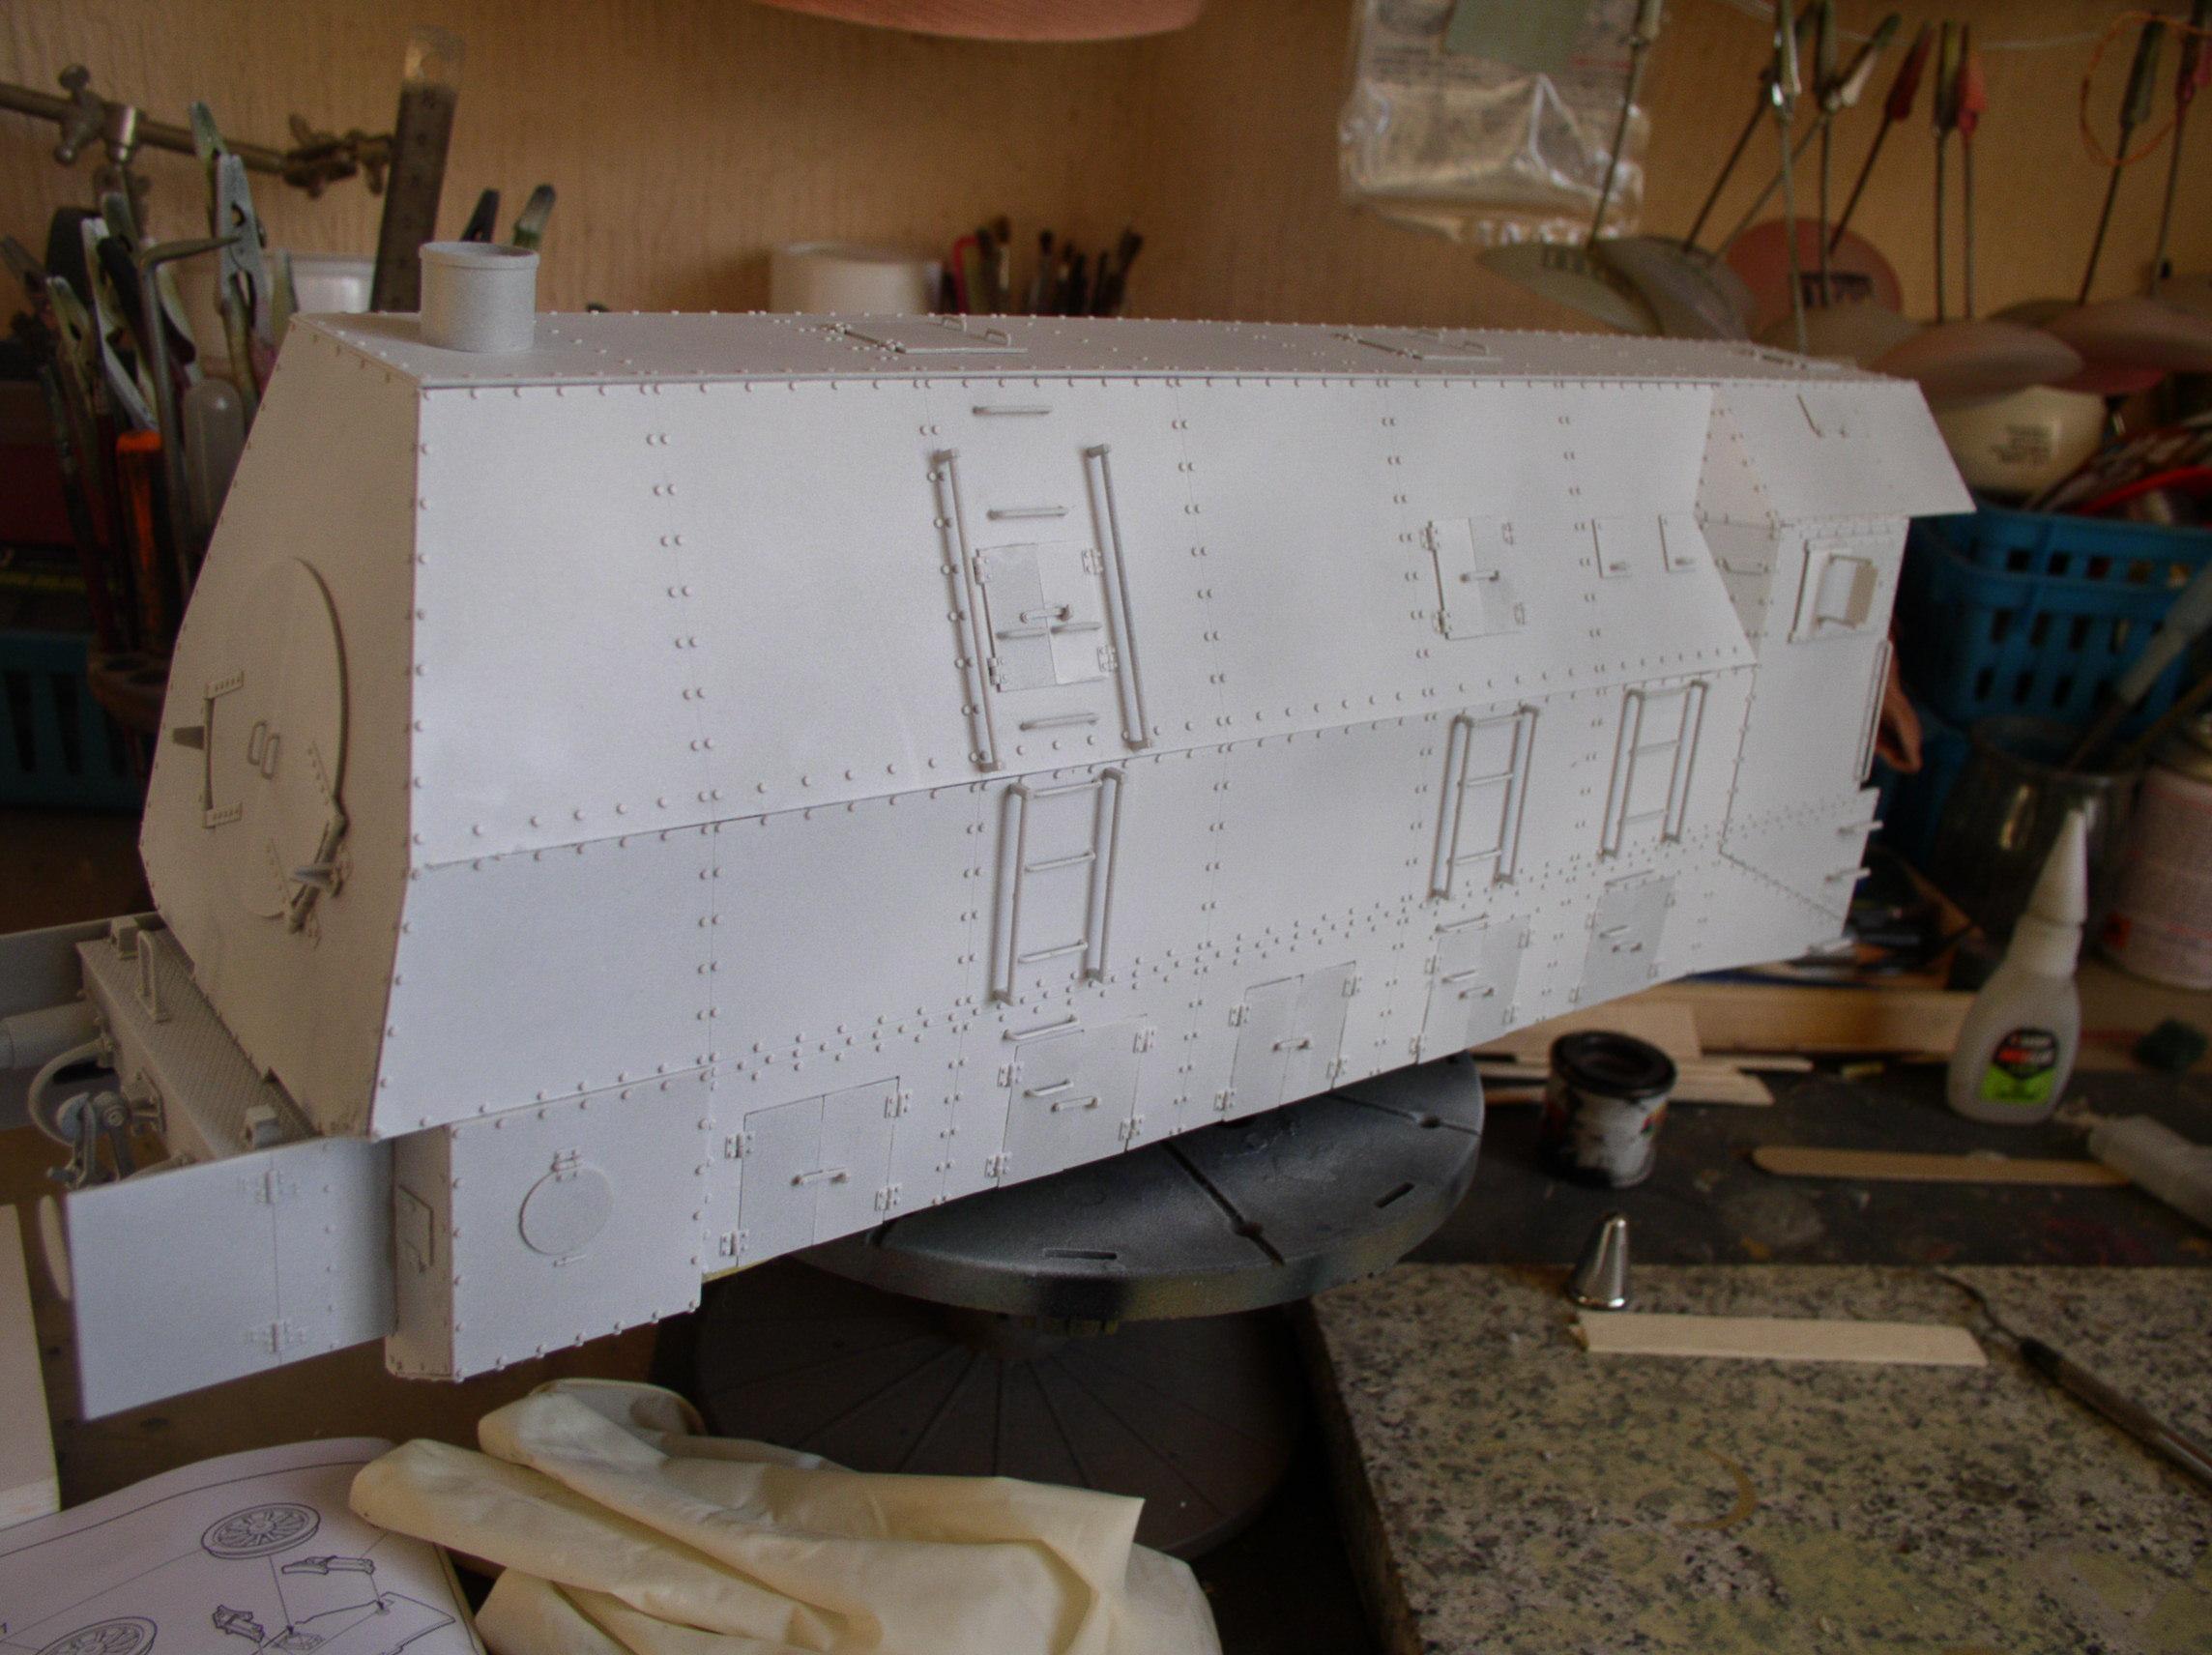 peinture - (Thunderbird) BR 57 Baureihe Panzerlok (Peinture en cours)  - Page 2 54020572